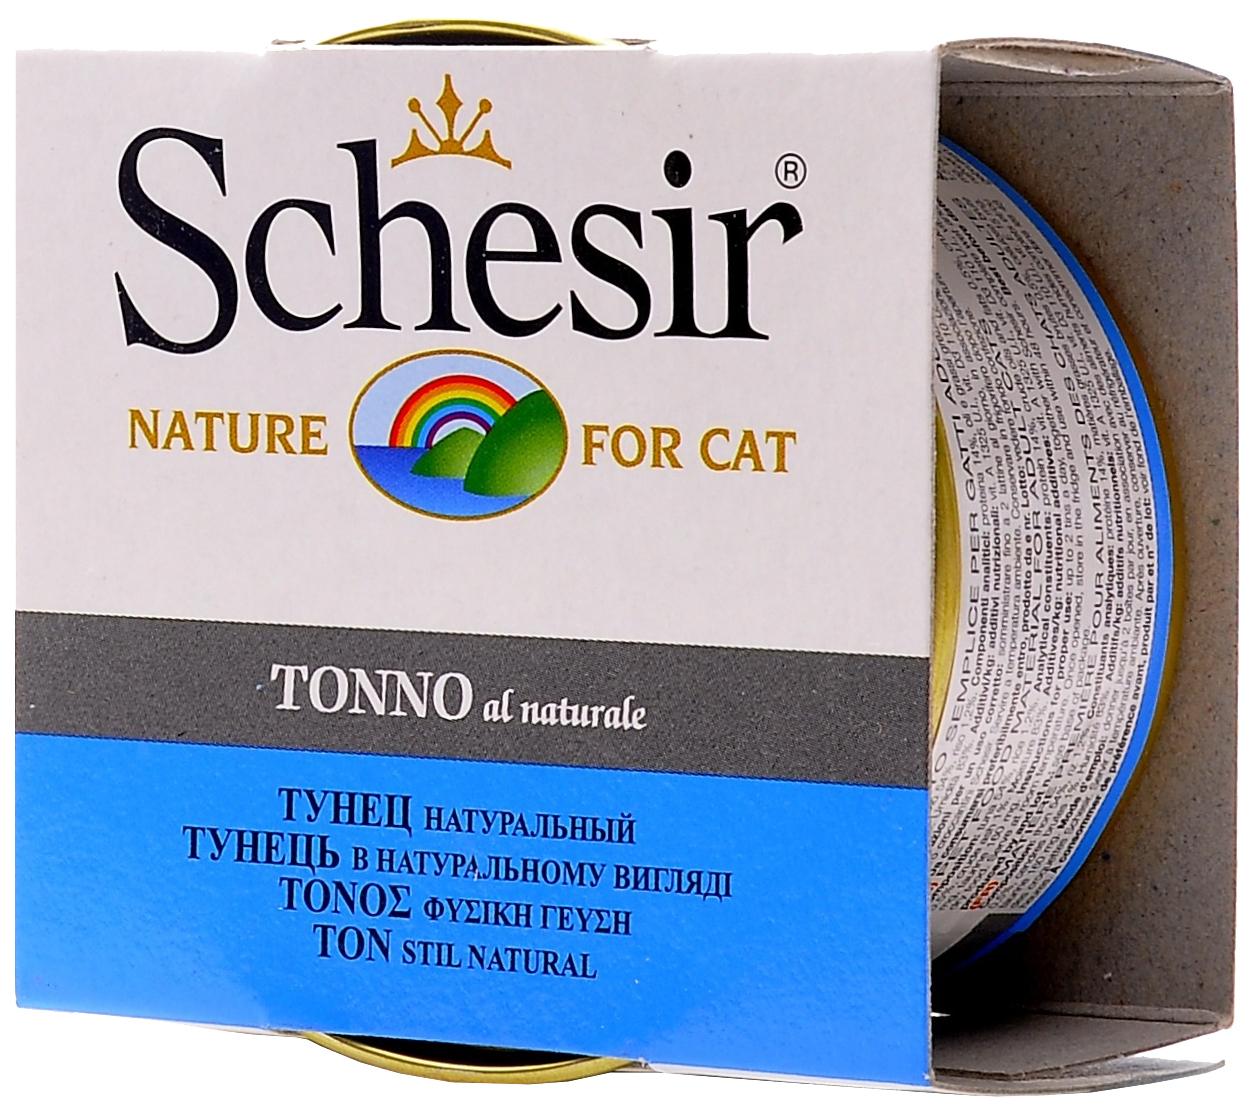 Консервы для кошек Schesir, тунец в собственном соку, 14шт, 85г